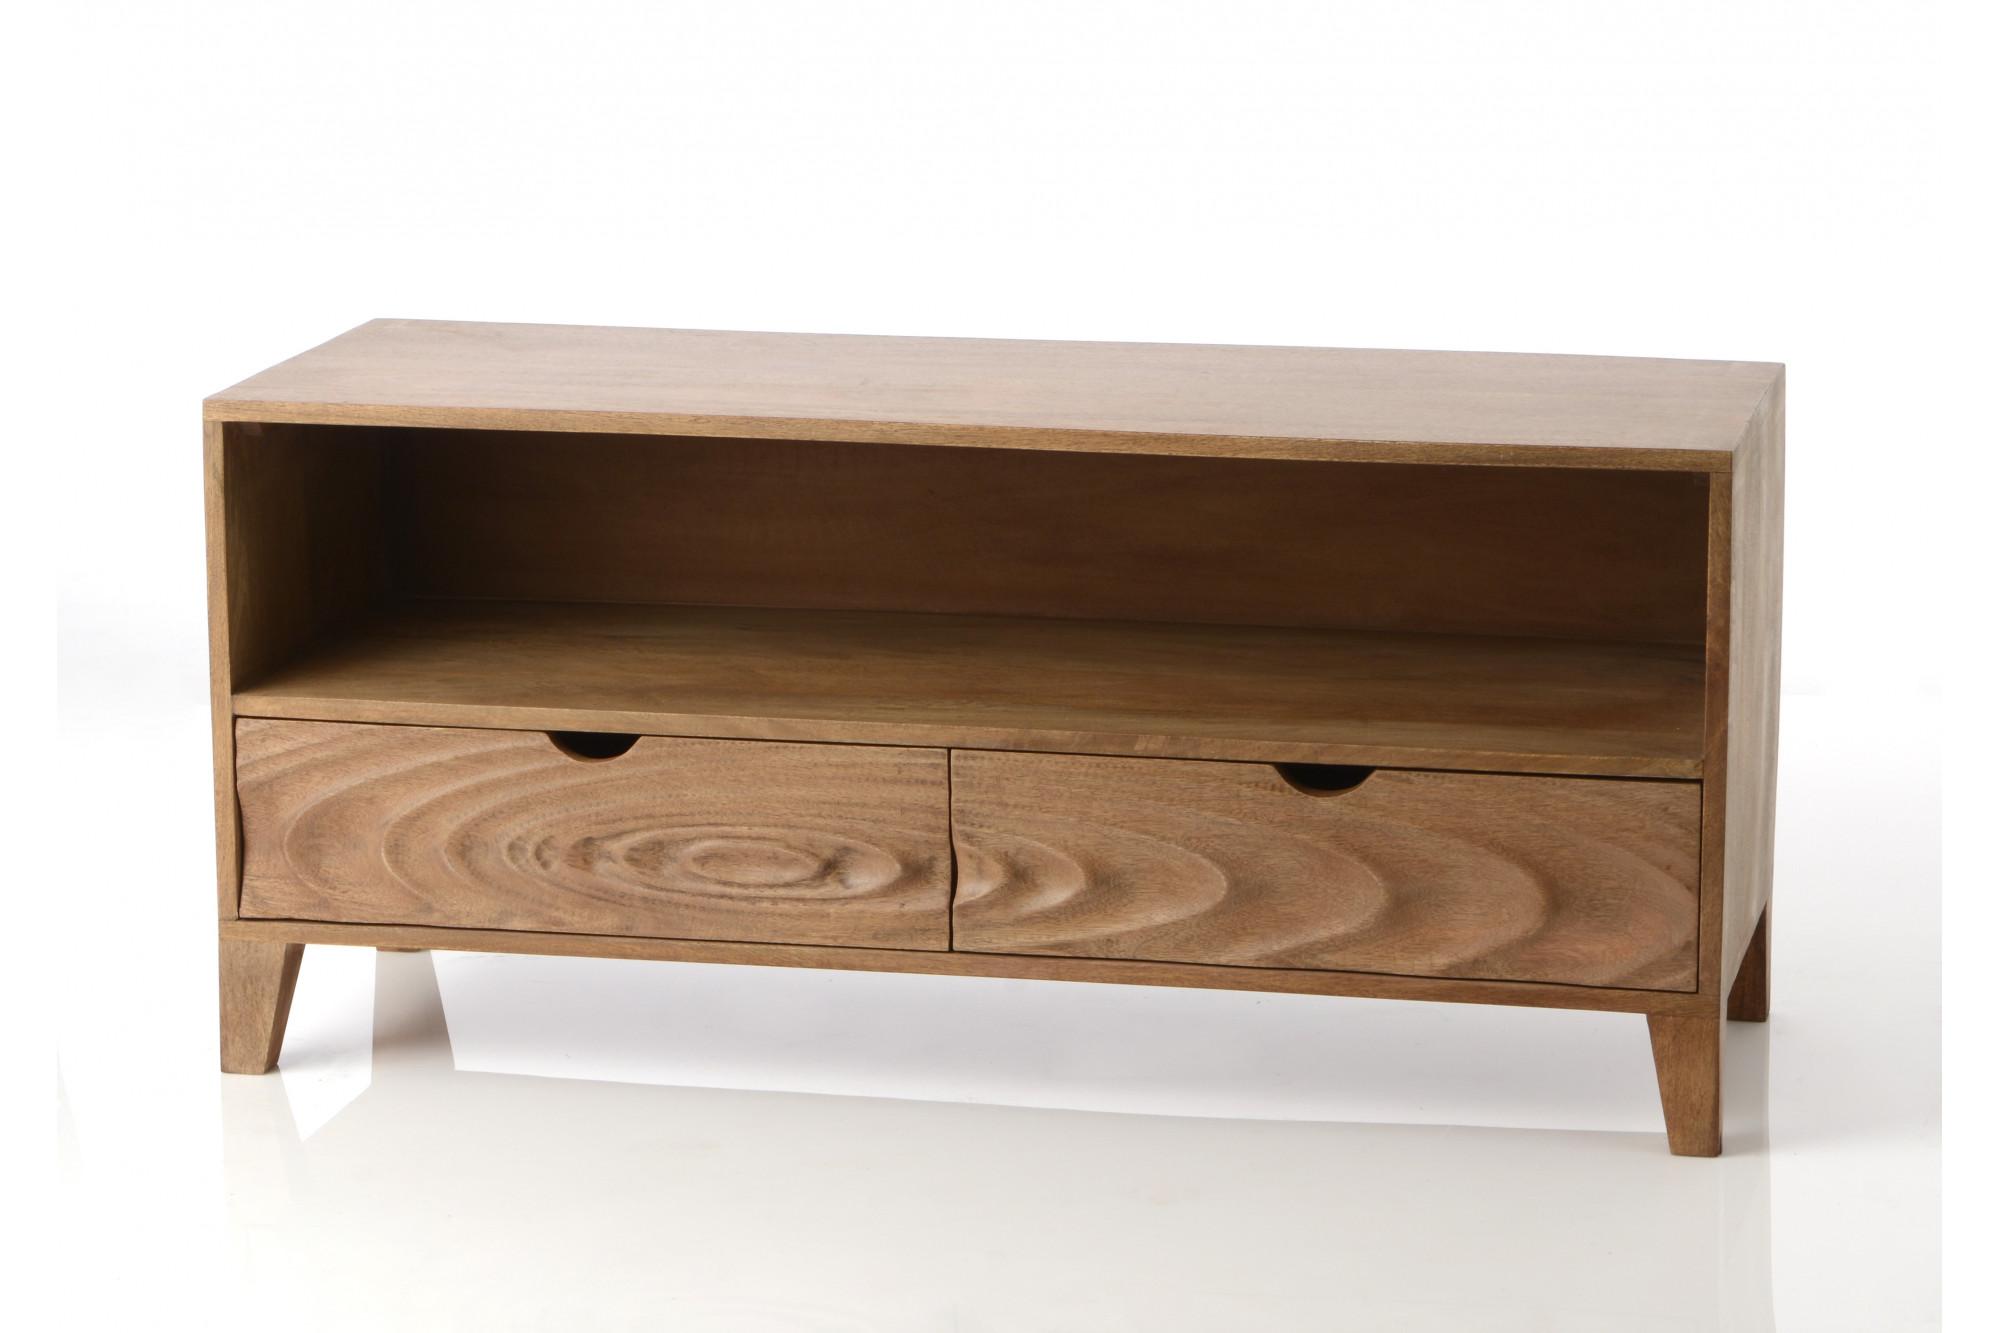 meuble tv en bois naturel myst re hellin. Black Bedroom Furniture Sets. Home Design Ideas